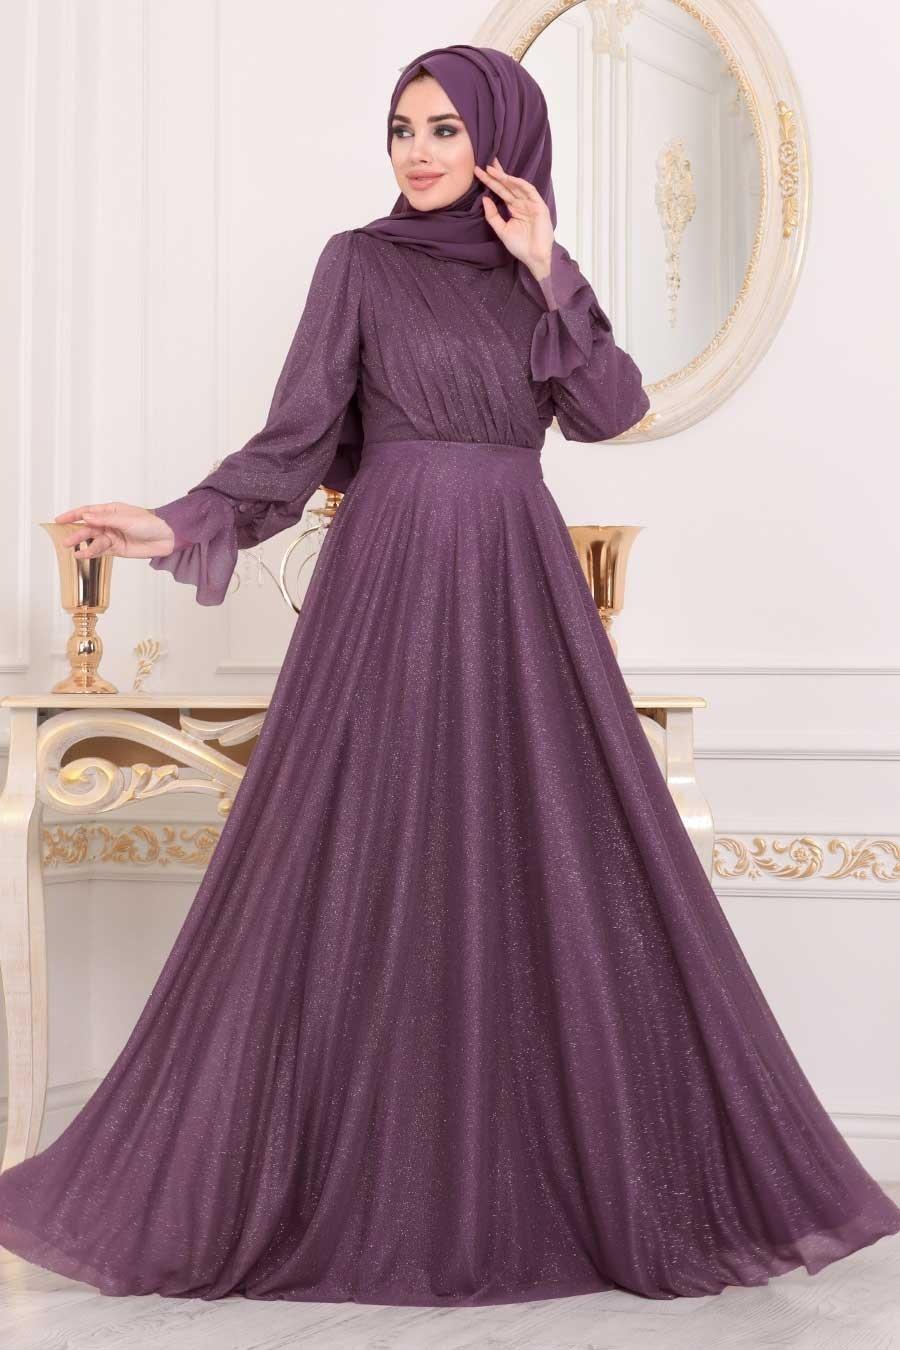 Tesettürlü Abiye Elbiseler - Koyu Gül Kurusu Tesettür Abiye Elbise 22202KGK